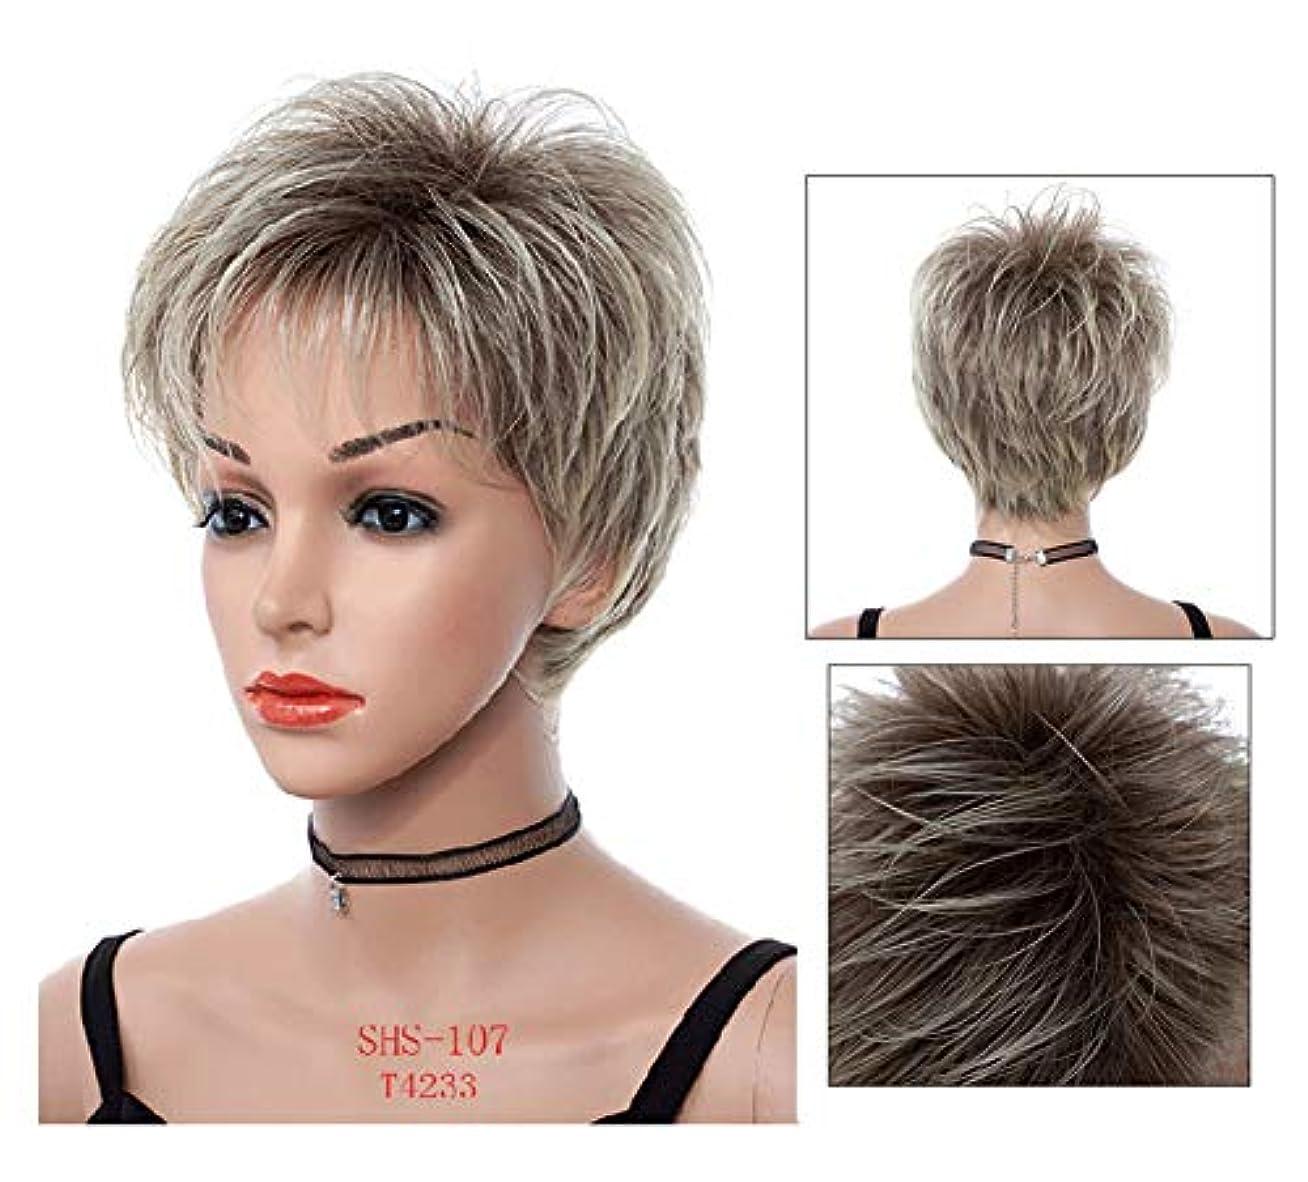 免疫定期的に十代の若者たち女性用フルウィッグ、デイリードレスコスプレパーティーヘアピース用8 ''ナチュラルショートヘア